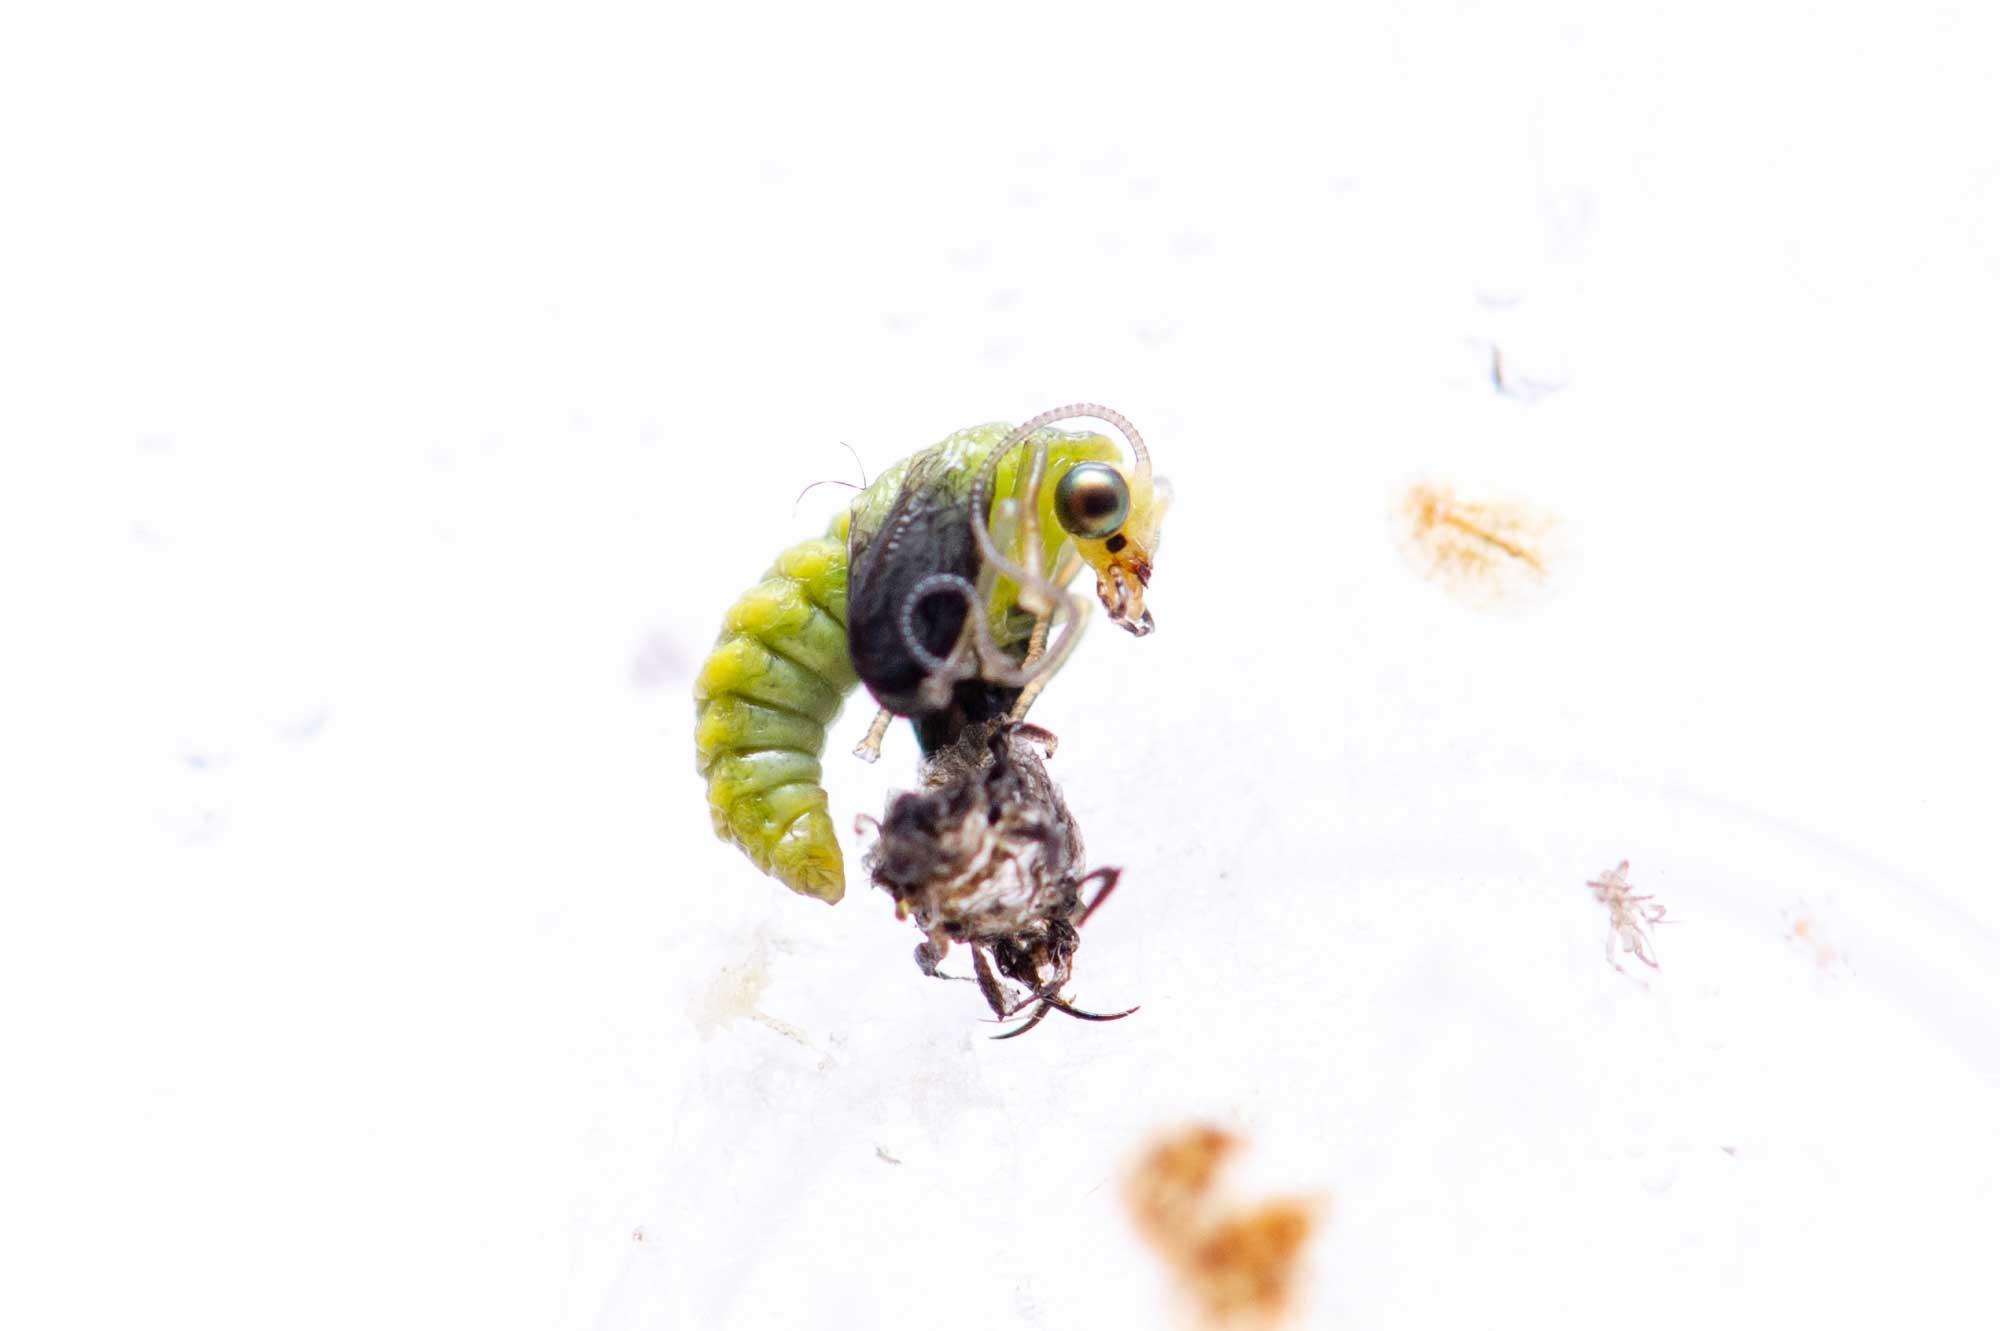 スズキクサカゲロウの飼育の写真